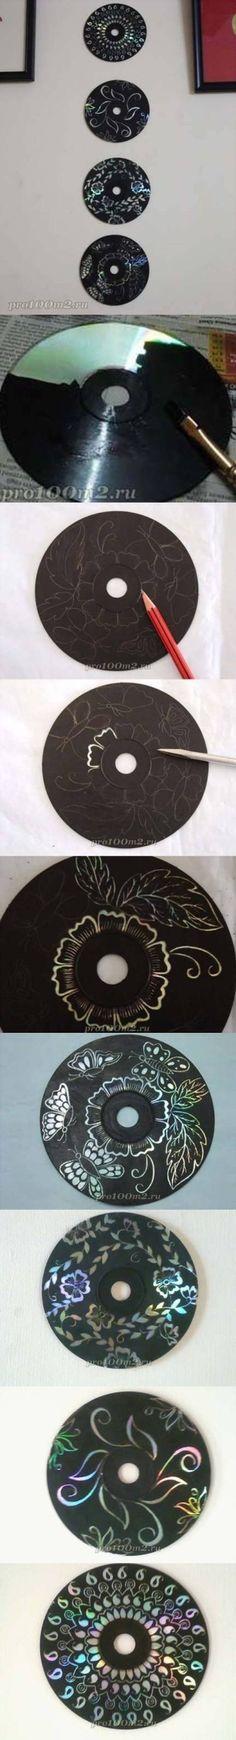 Fai da te Decorazione della parete con il CD della decorazione di DIY parete con CD diyforever